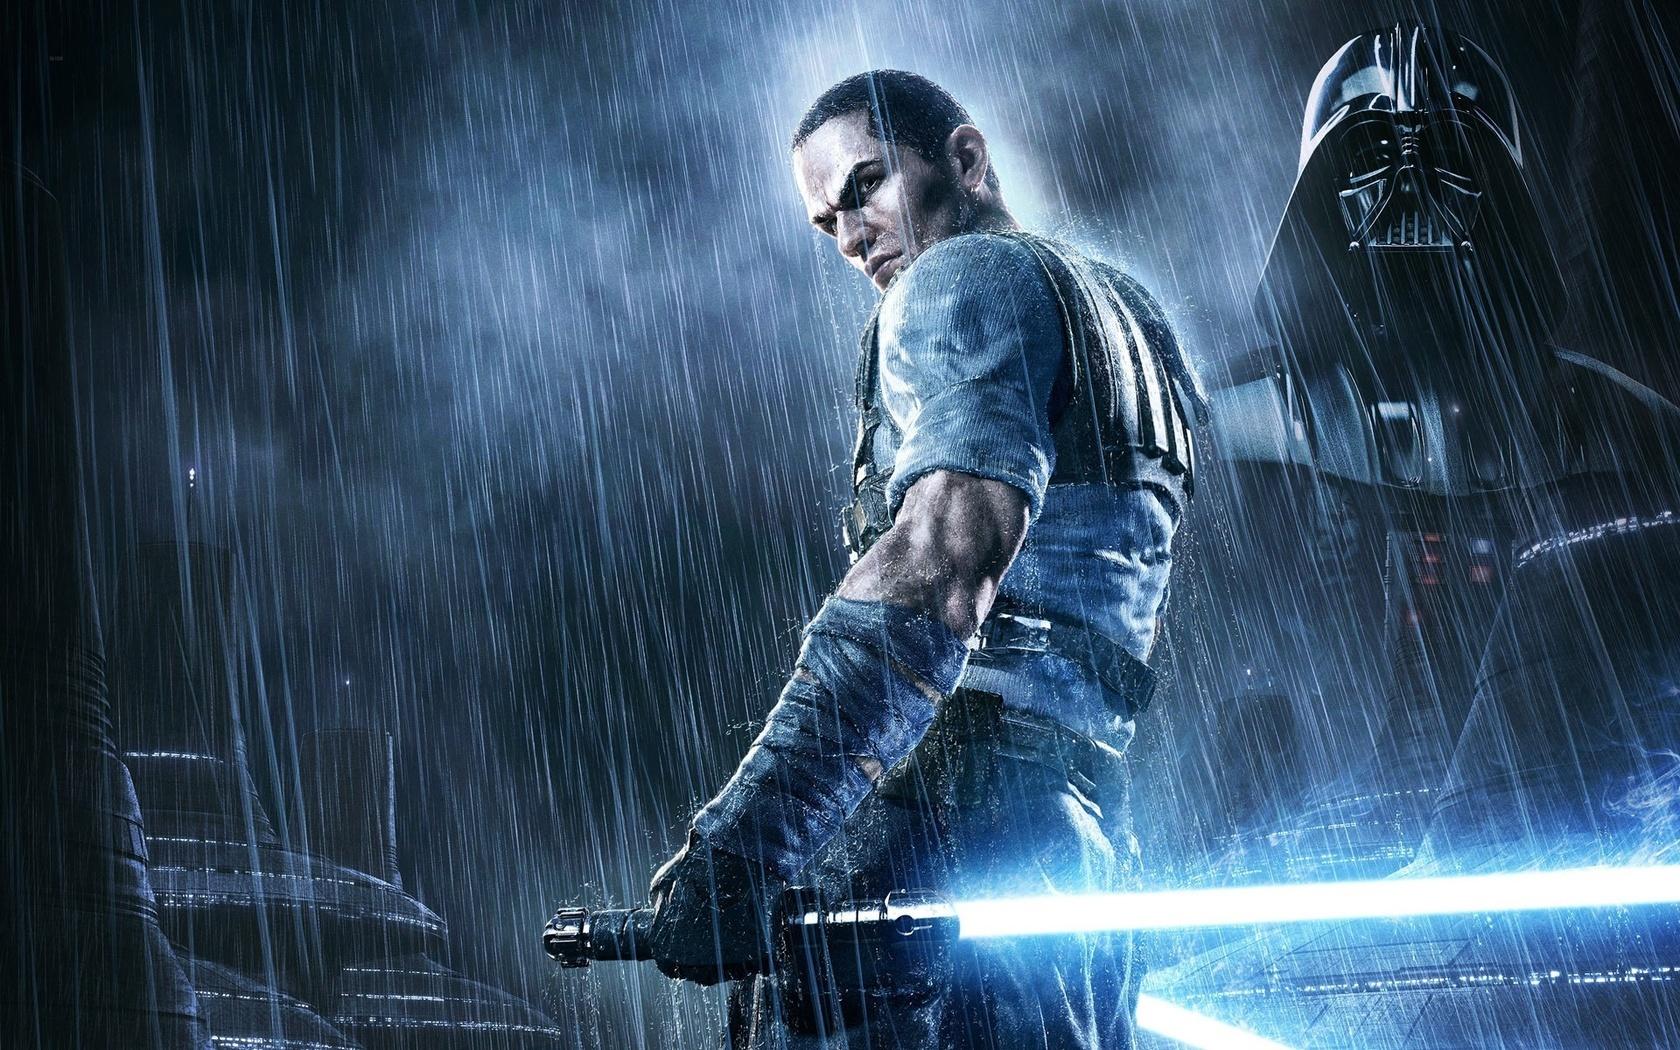 световой меч, звездный воин, мужчина